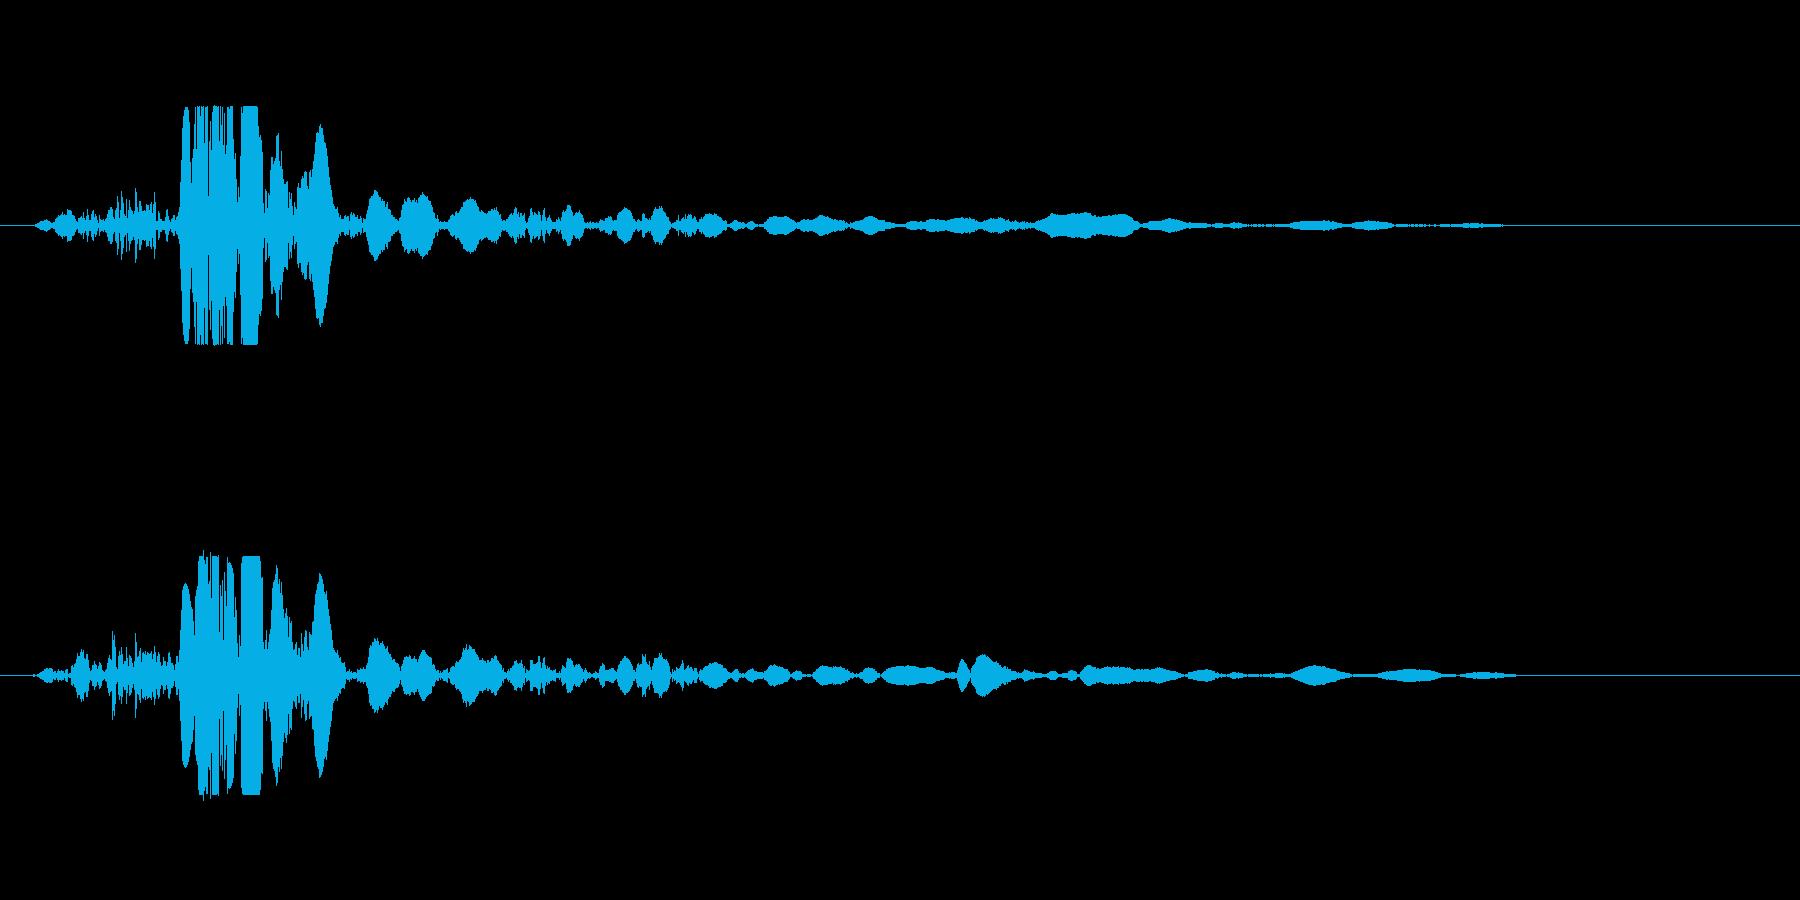 バタン、ドスン(破裂音、落下音)の再生済みの波形